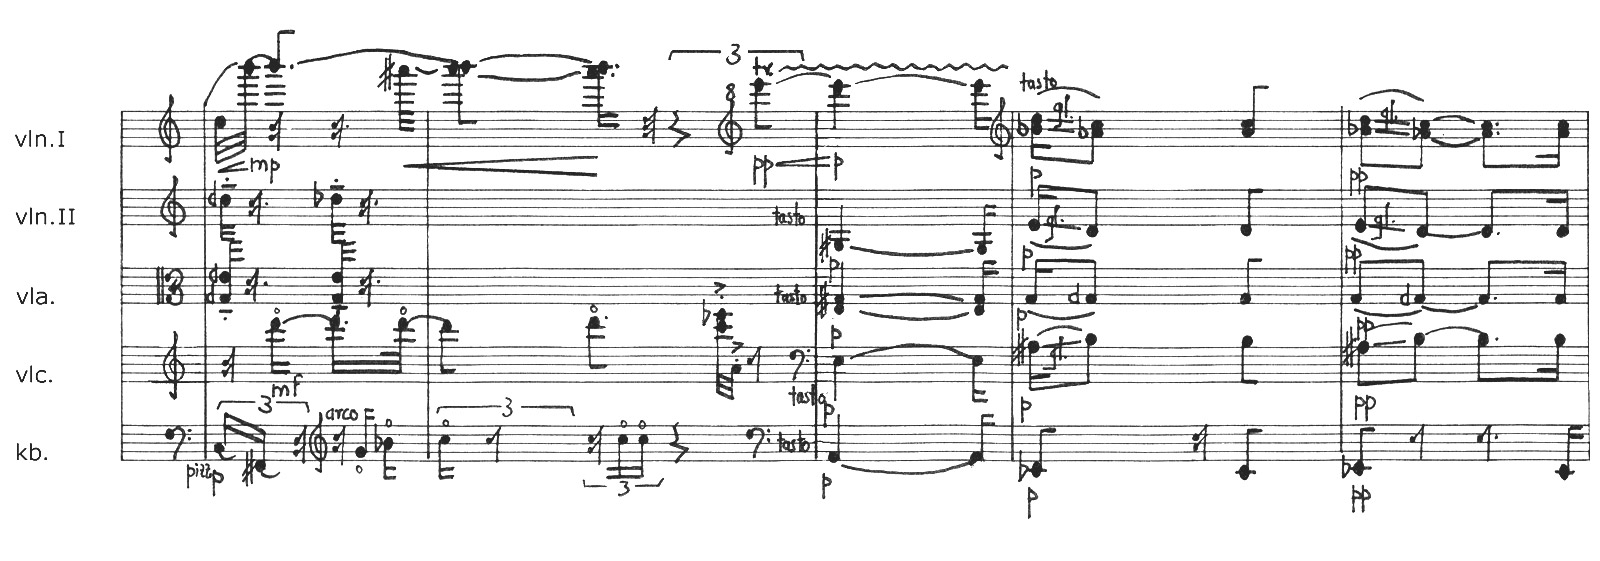 Partitur-Fremder-Thomas-Chr-Heyde